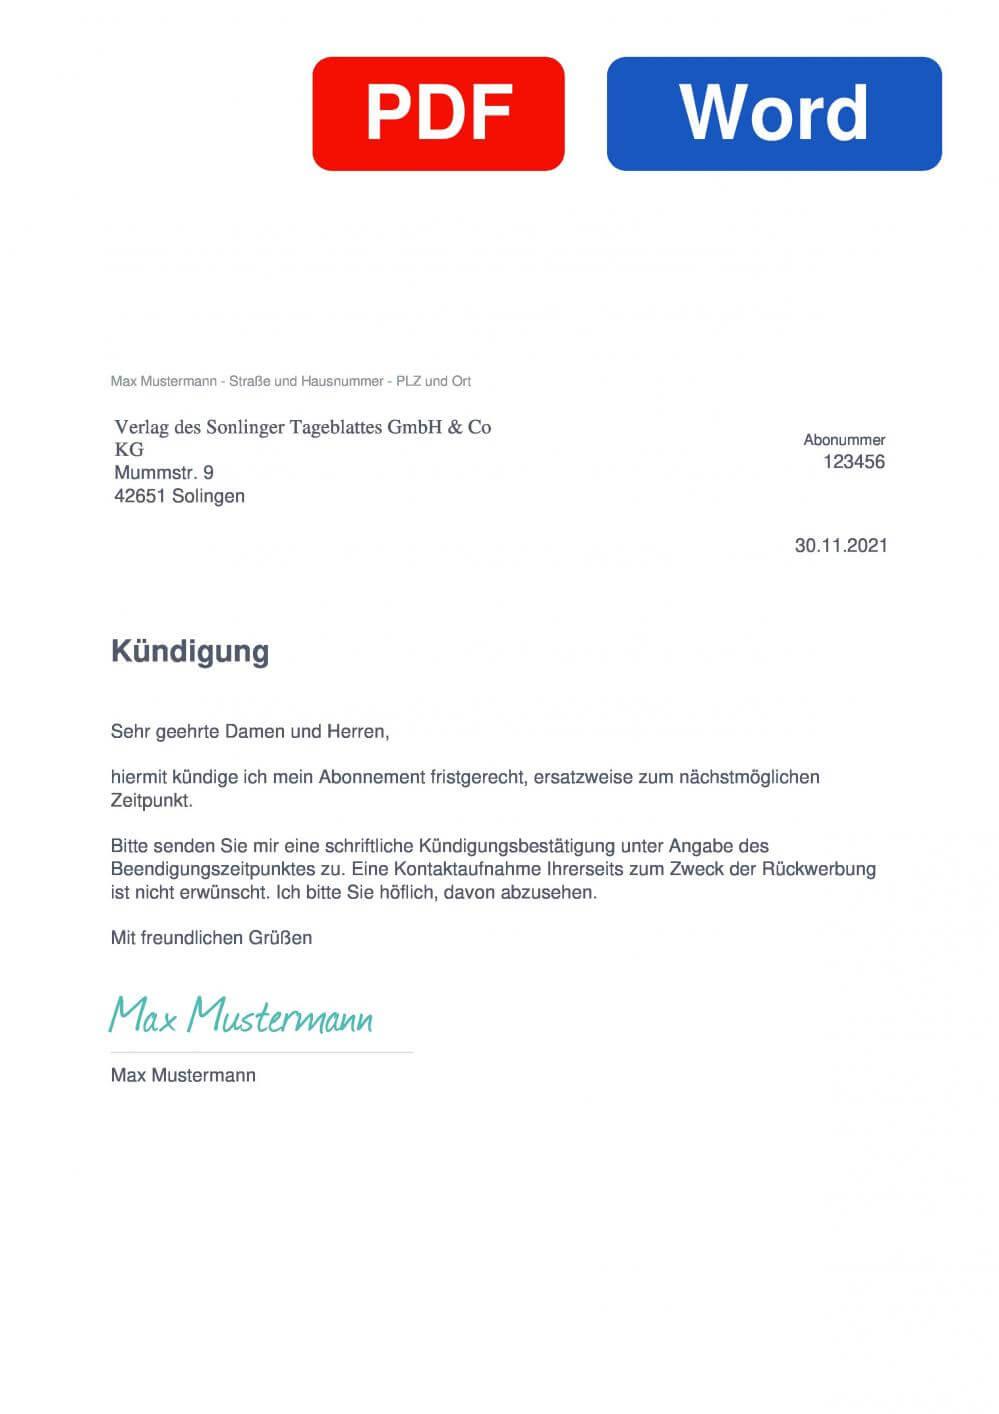 Solinger Tageblatt Muster Vorlage für Kündigungsschreiben